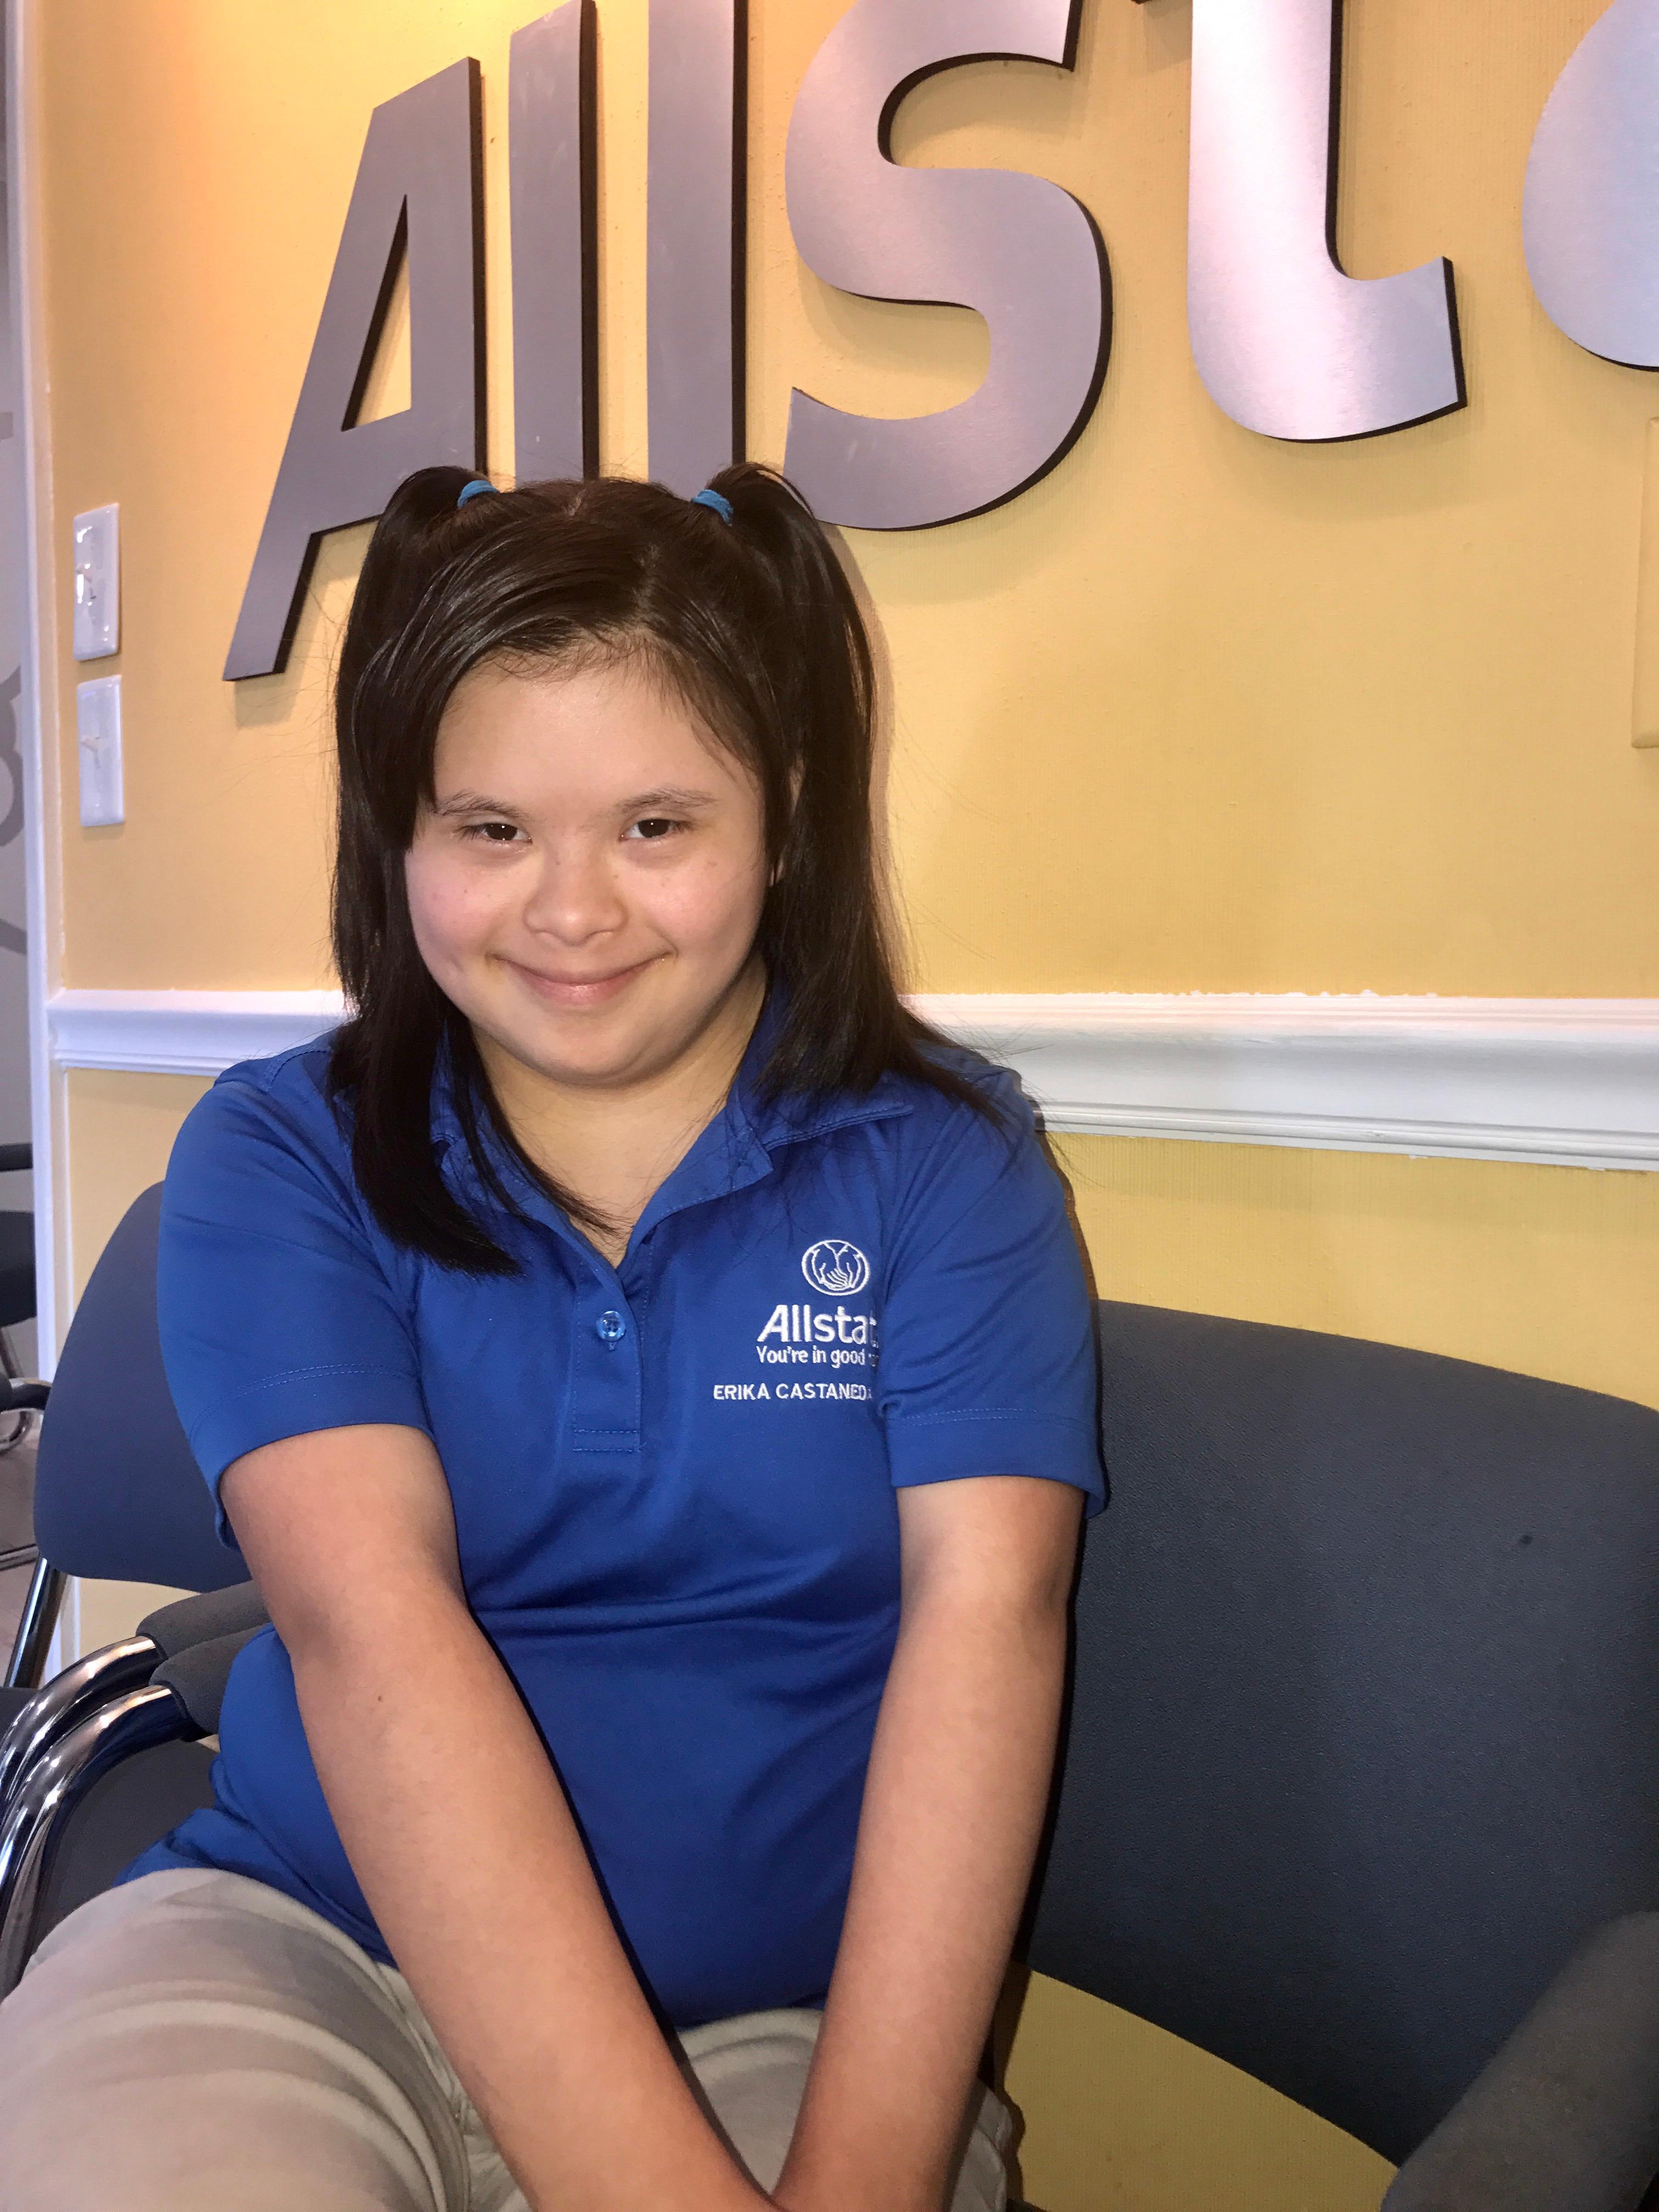 Erika Castaneda: Allstate Insurance image 60